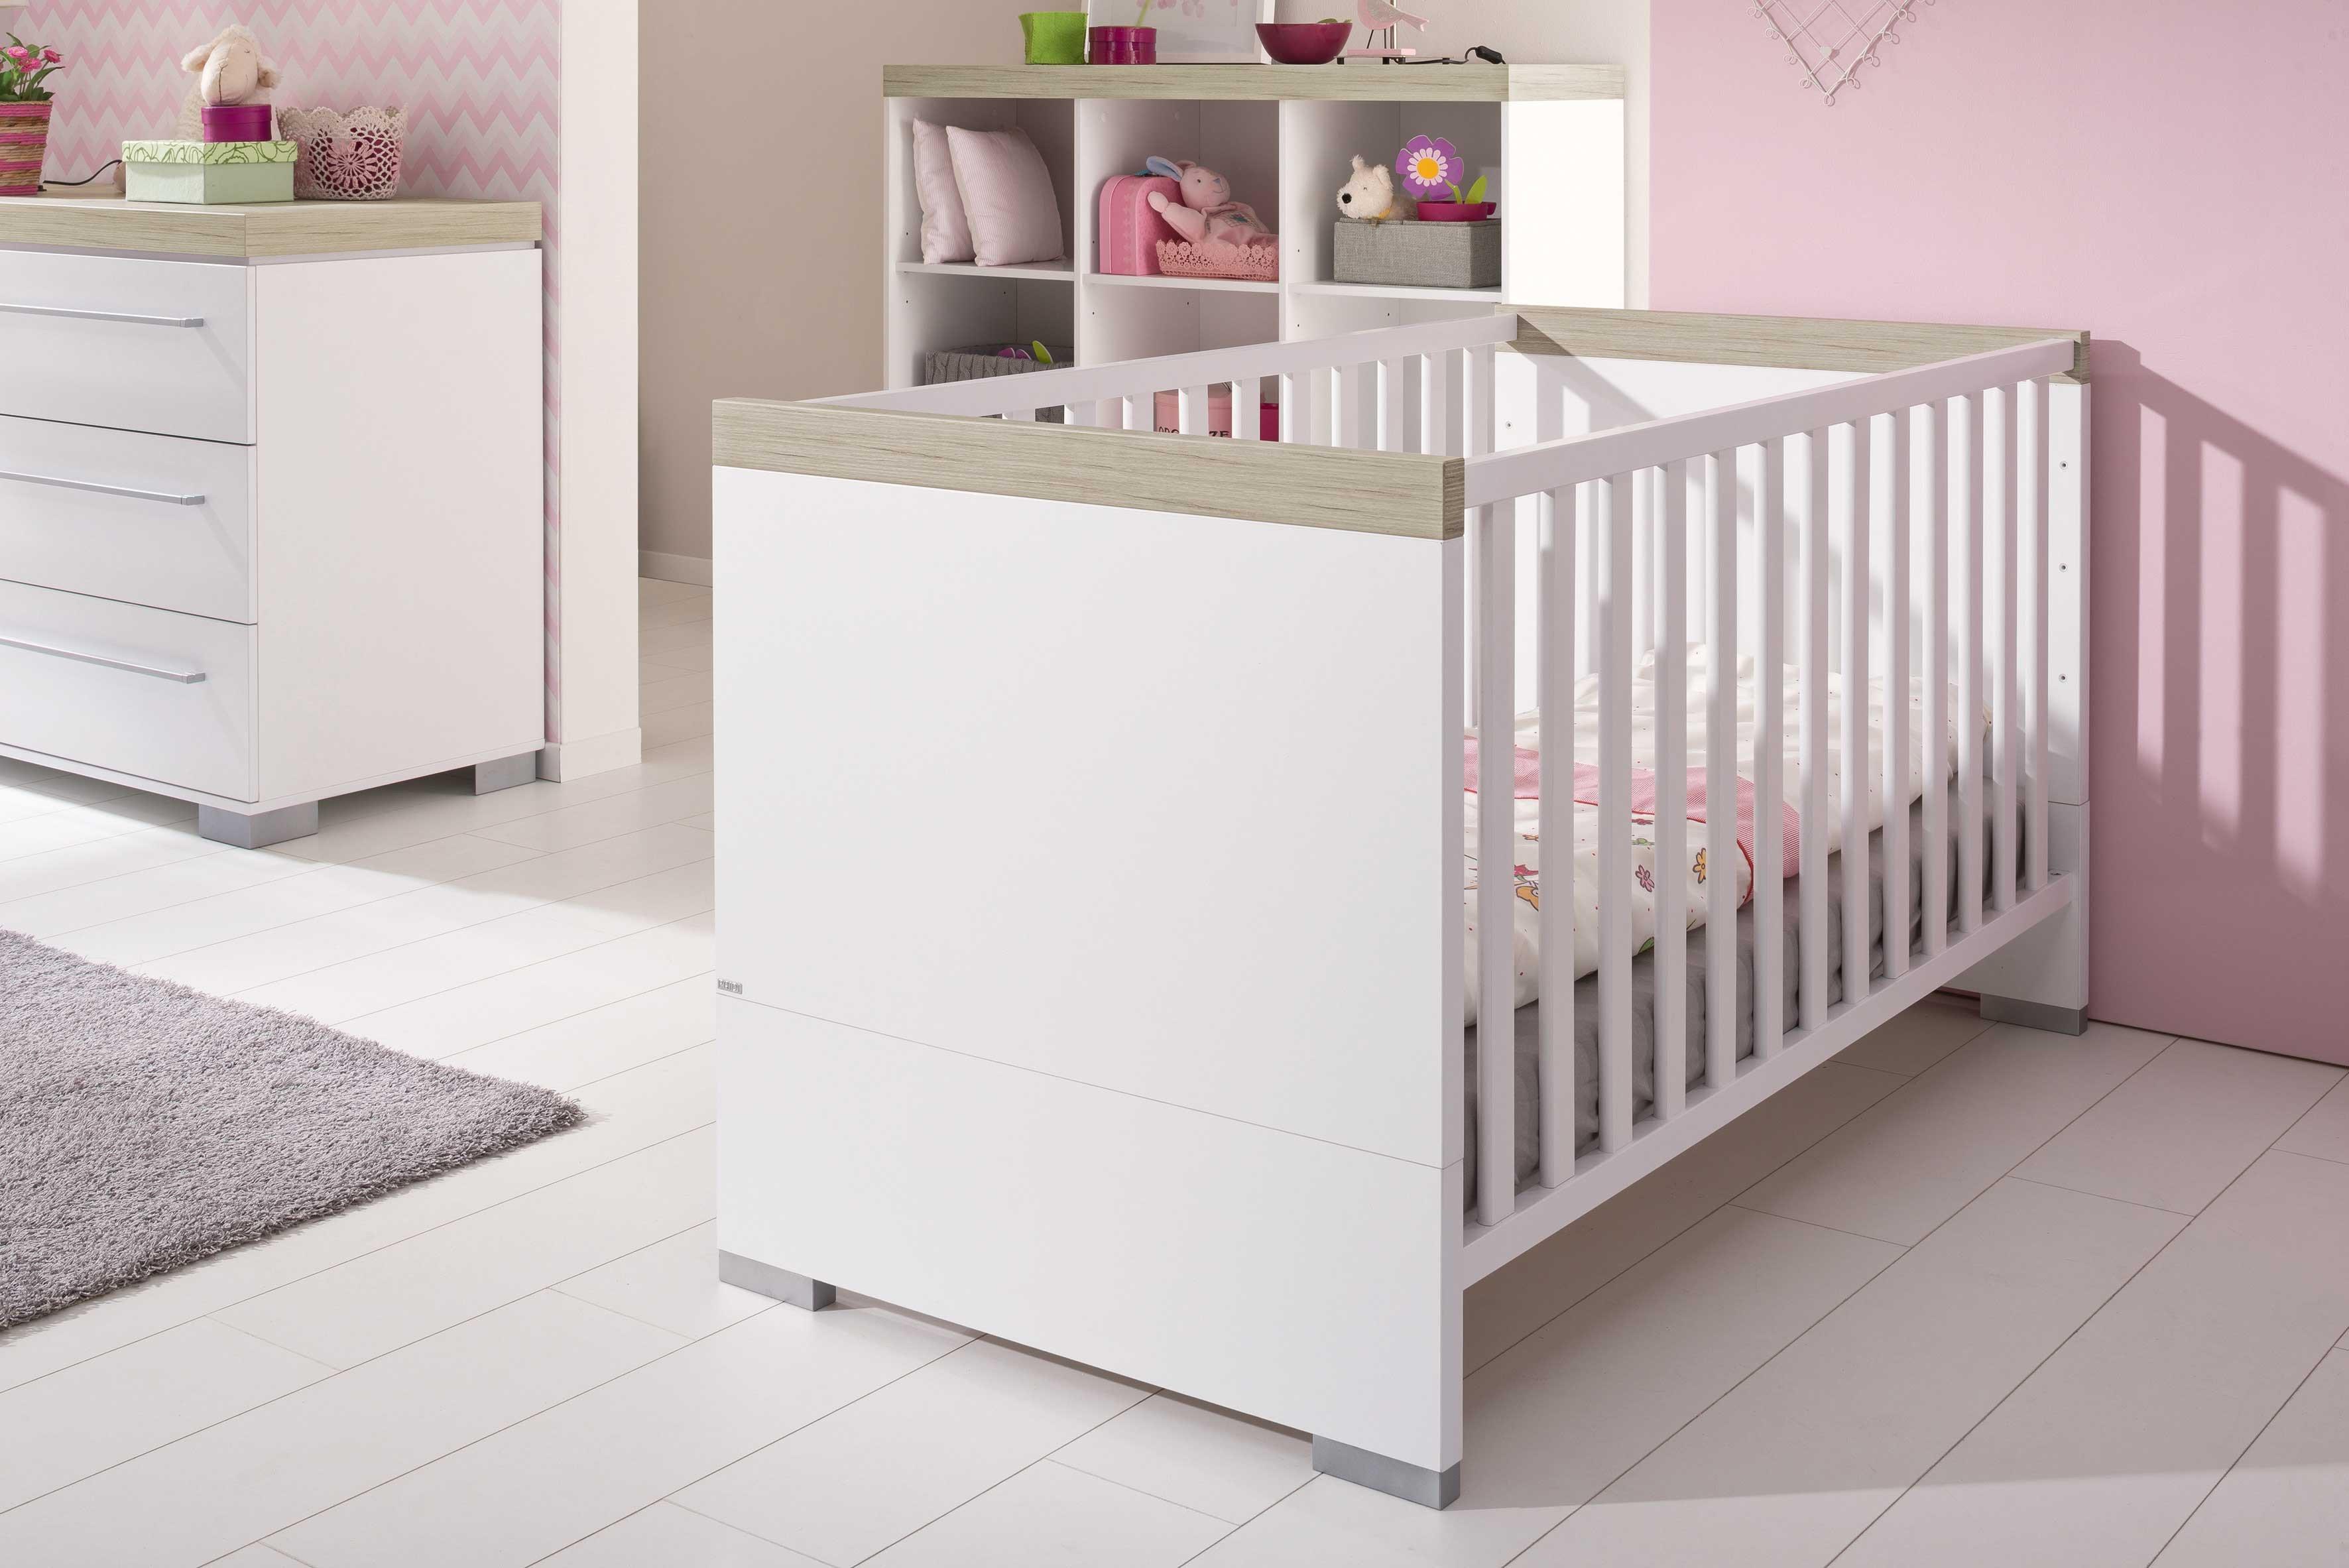 Kira von Paidi - Babyzimmer weiß - Eiche nautik Nachbildung